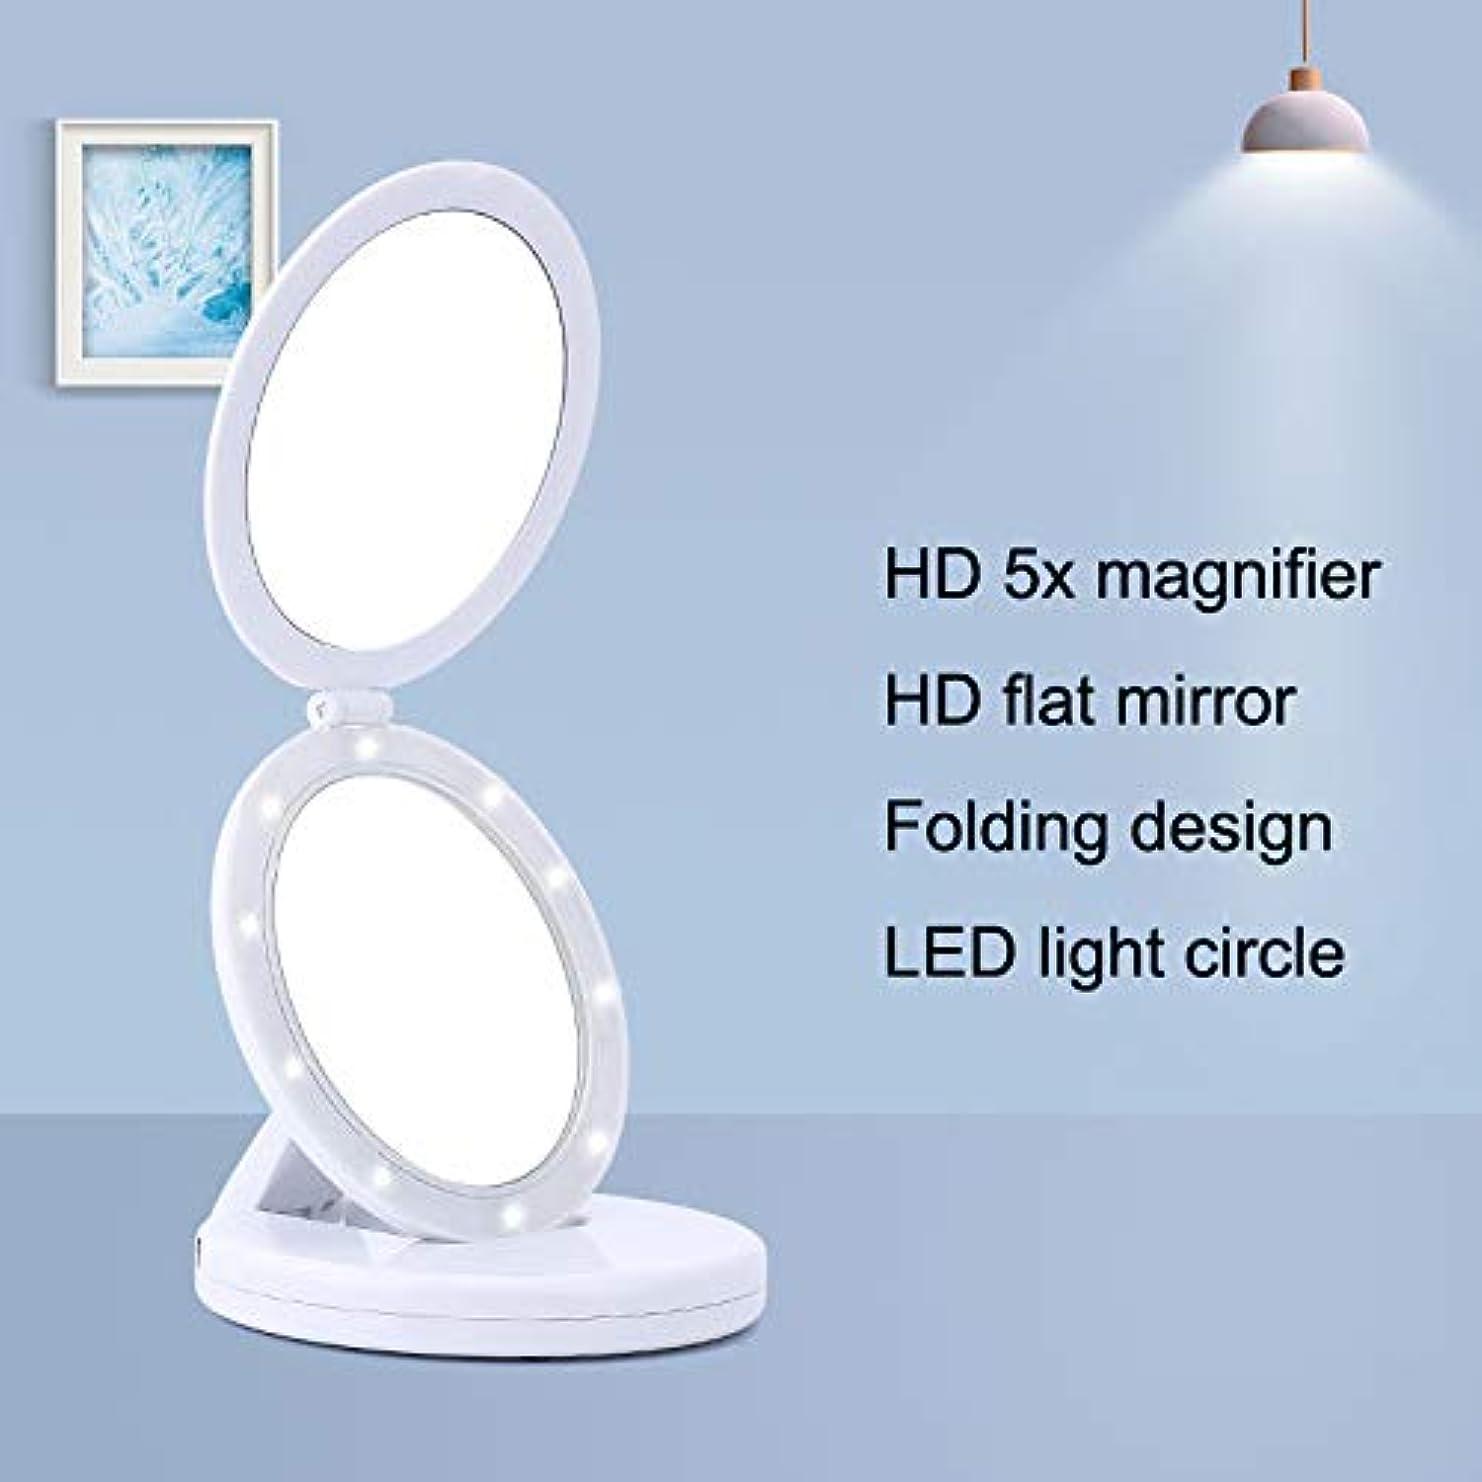 ハードリング著名な中国Aylincool化粧品ミラー化粧鏡、折りたたみ式LED化粧ダブルミラー5倍拡大鏡デスクトップミラー